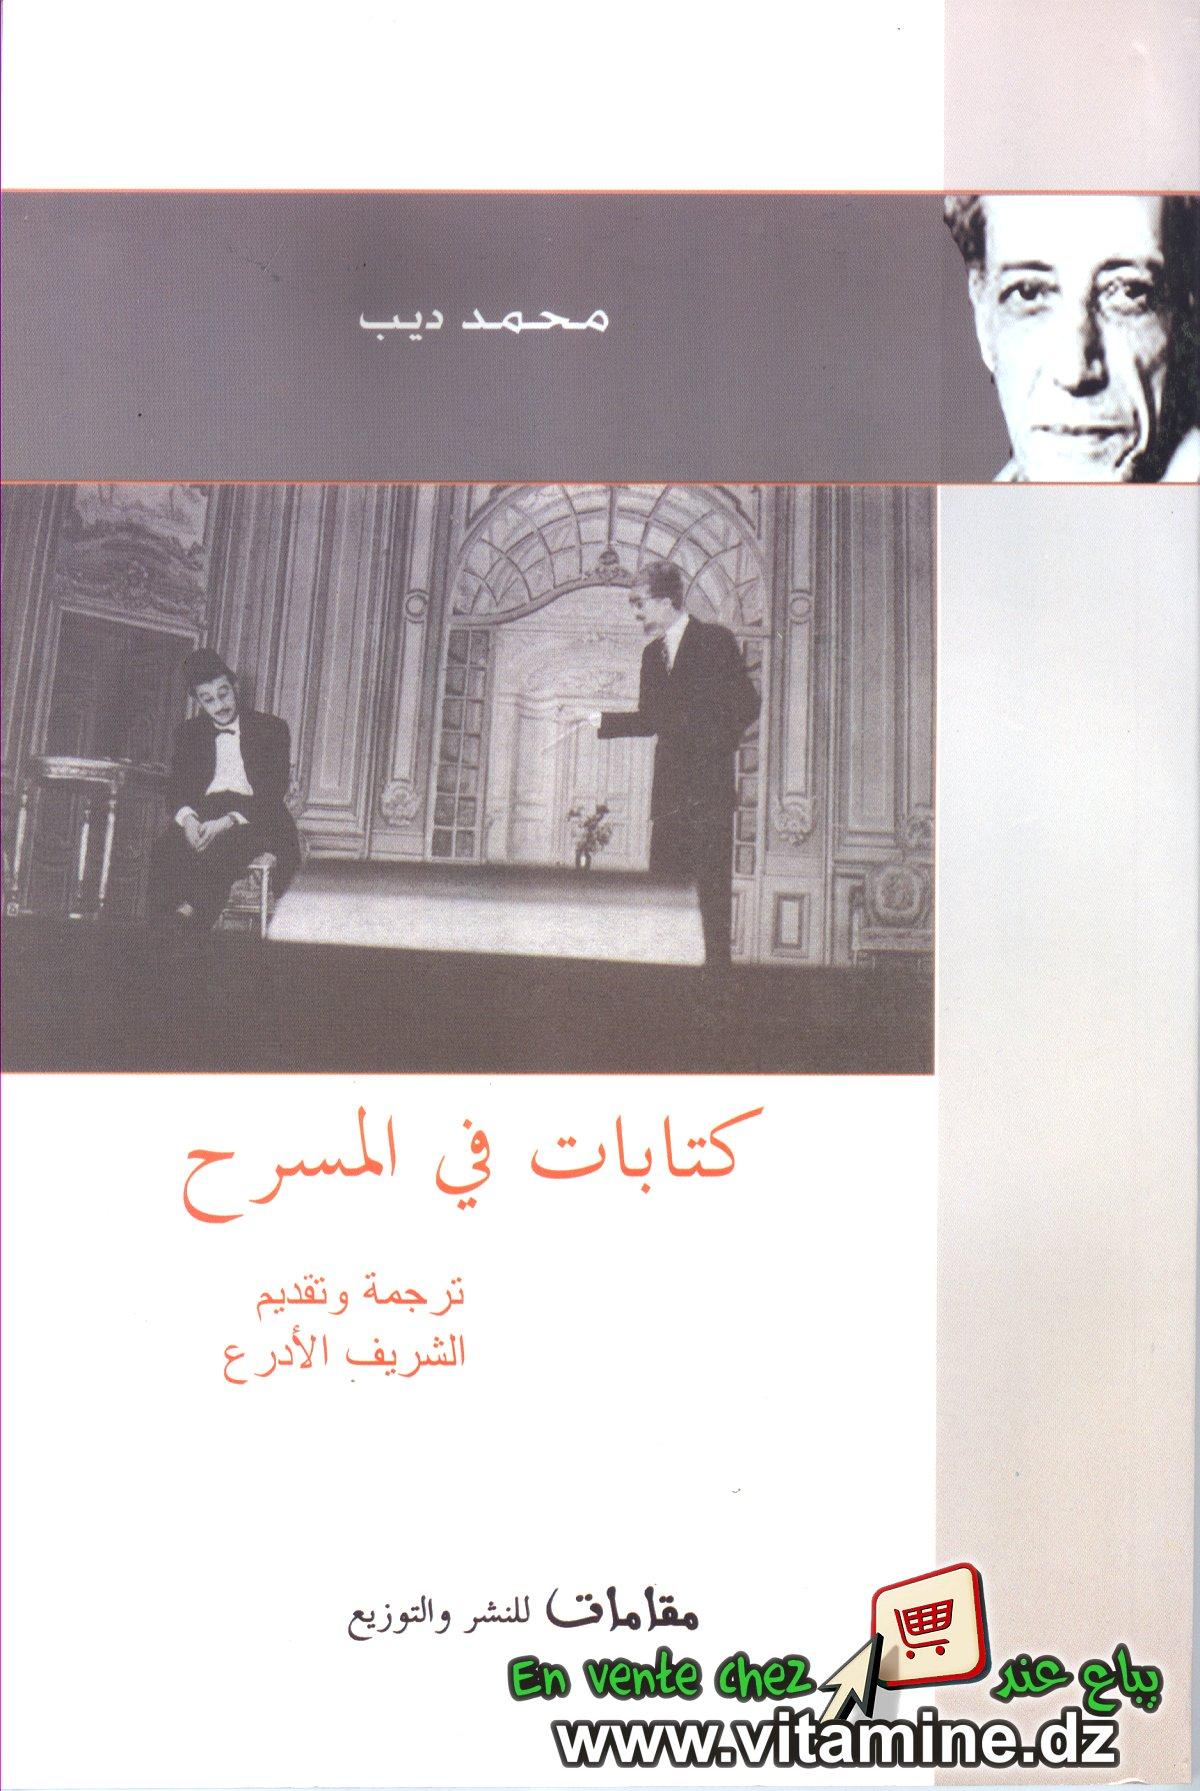 Mohamed Dib - Ecrits sur le théâtre